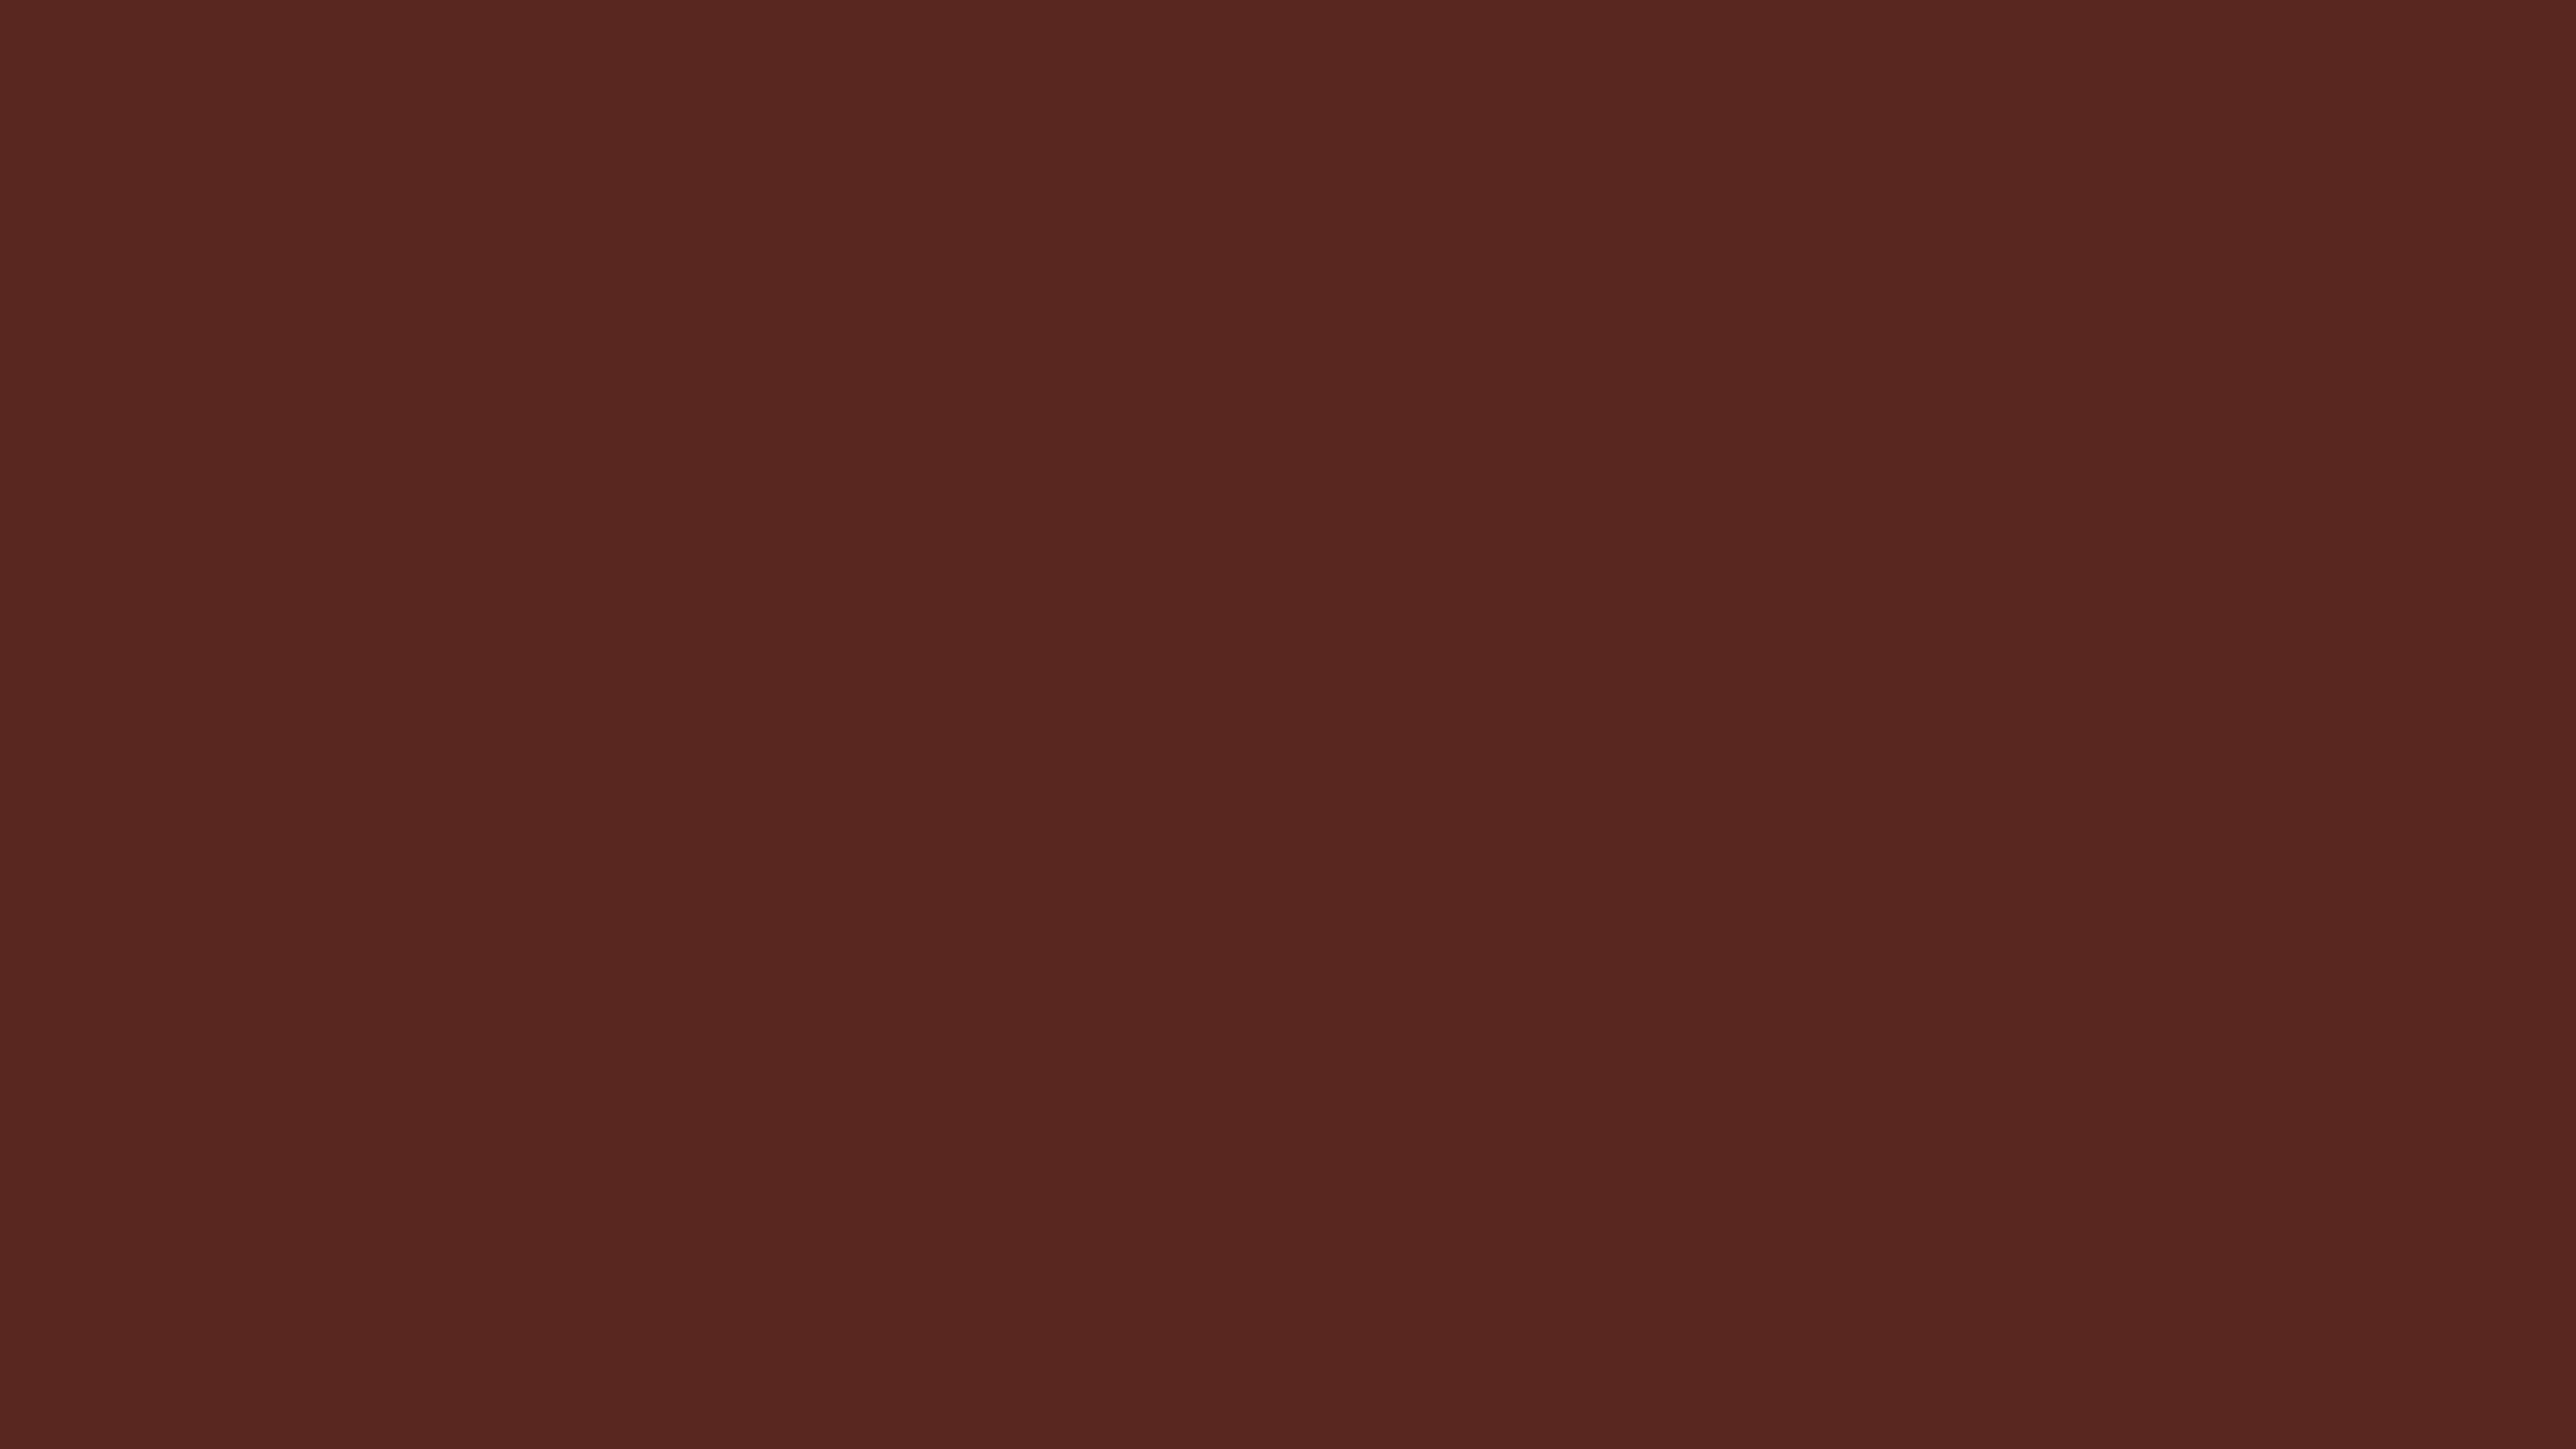 7680x4320 Caput Mortuum Solid Color Background